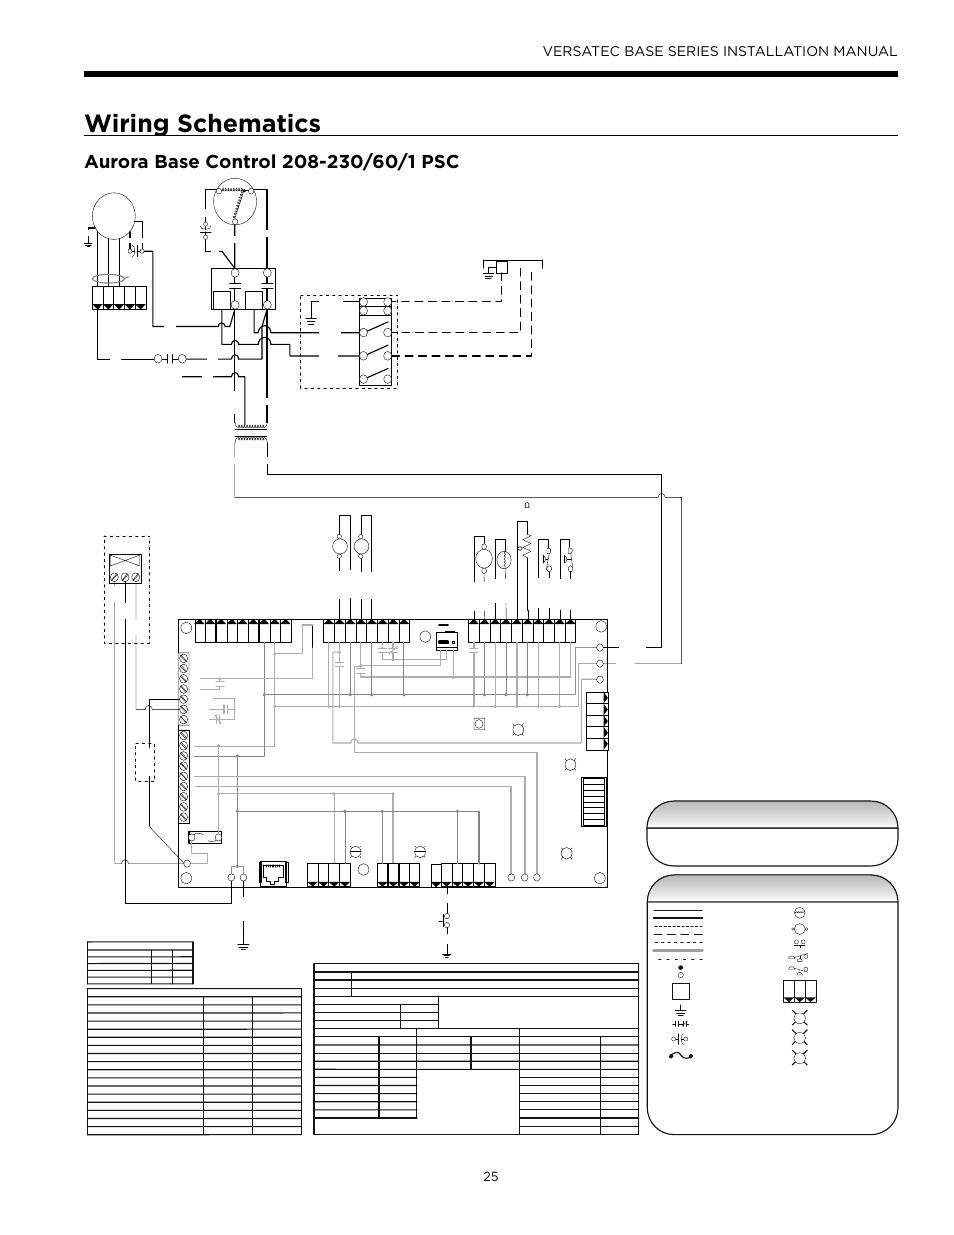 Wiring schematics, Versatec base series installation